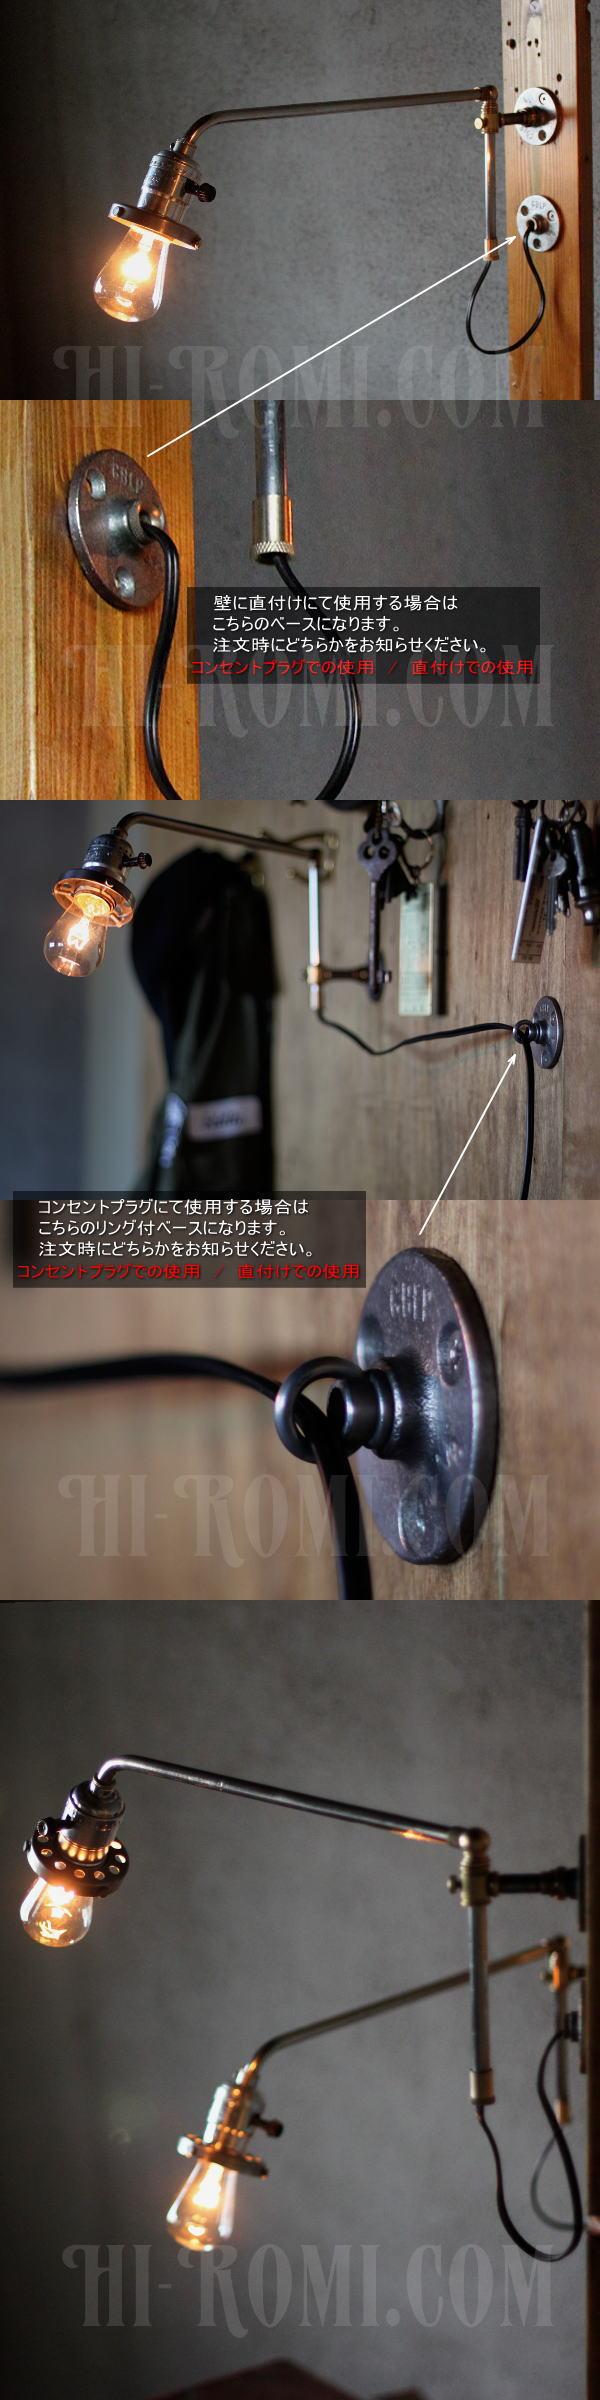 ヴィンテージスウィングアームアルミソケット&ギャラリー付ブラケット/アンティーク照明コンビカラー工業系ランプ